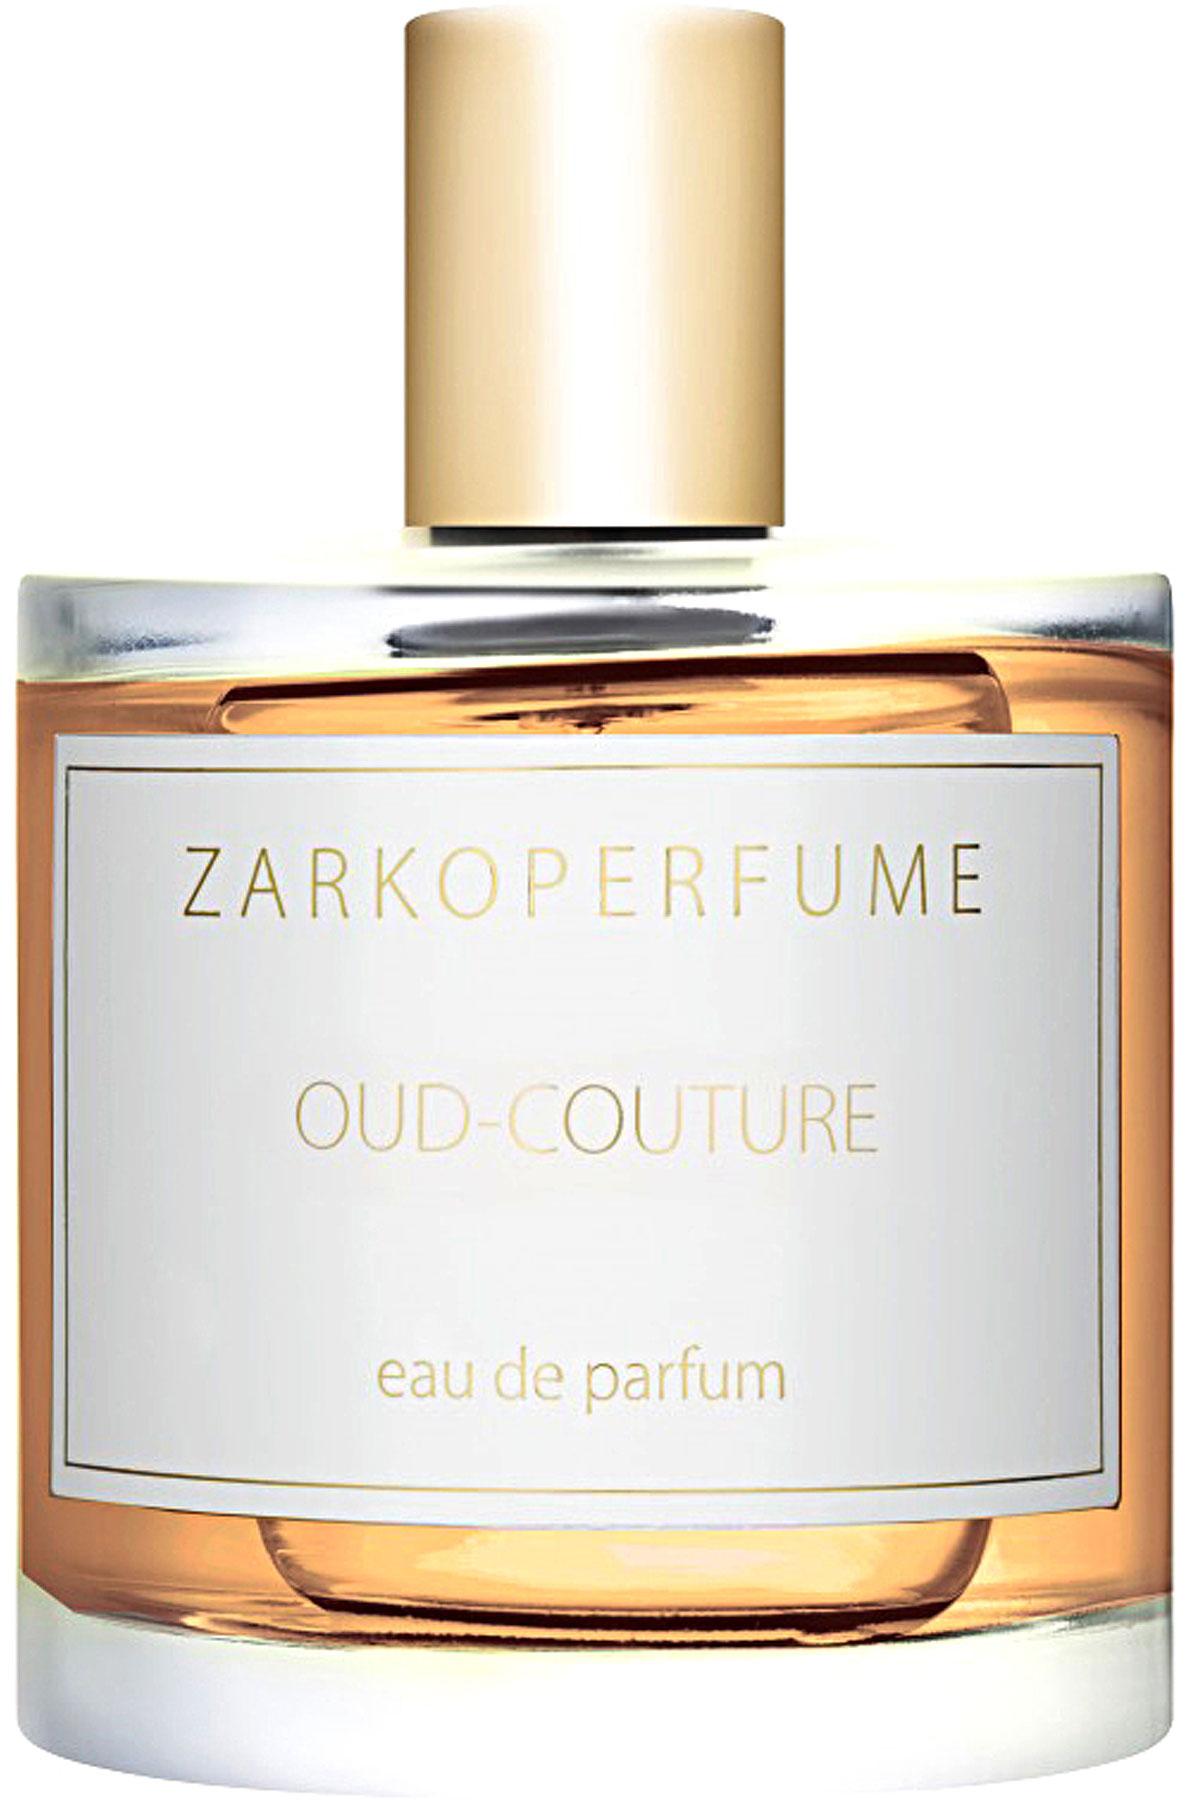 Zarkoperfume Fragrances for Men, Oud Couture - Eau De Parfum - 100 Ml, 2019, 100 ml